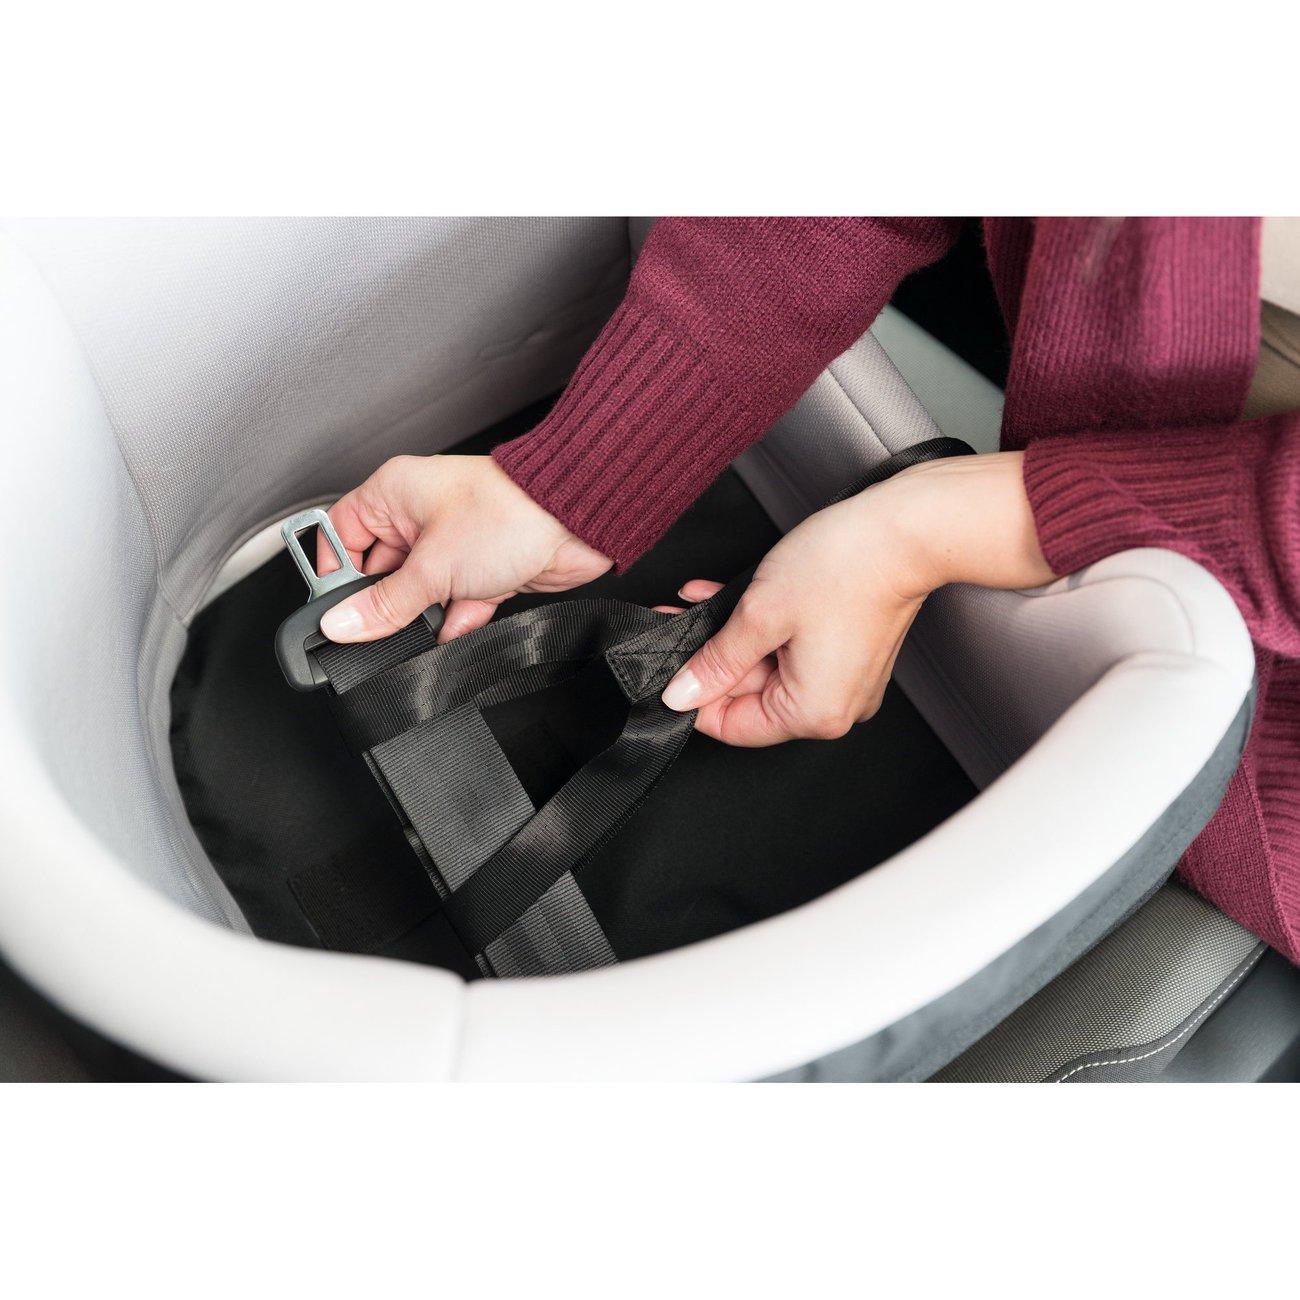 TRIXIE Autositz für kleine Hunde bis 8 kg 13176, Bild 16